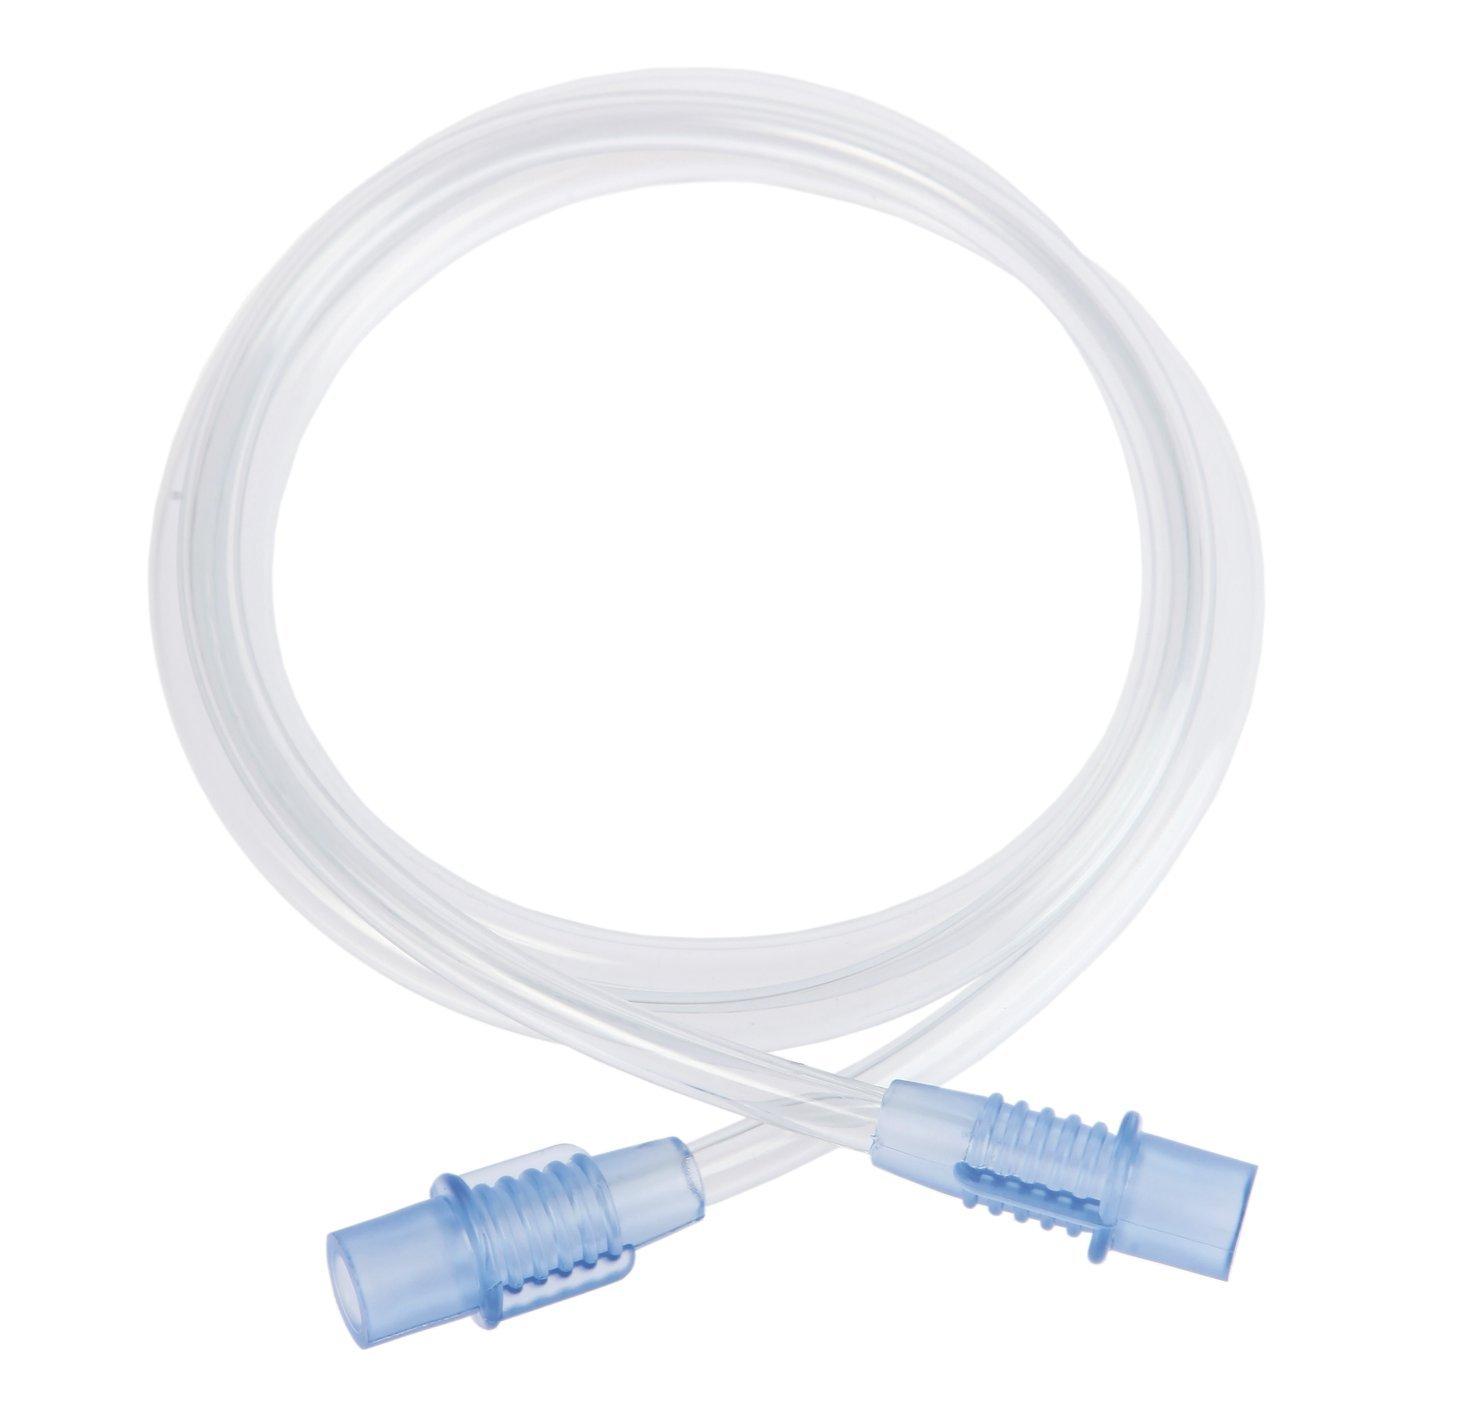 2d09390328 PHILmed elektrischer Inhalator/ Inhalationsgerät Midineb Nebby mit  Kindermaske - Geeignet für Babys, Kinder und Erwachsene für die gezielte  Behandlung der ...